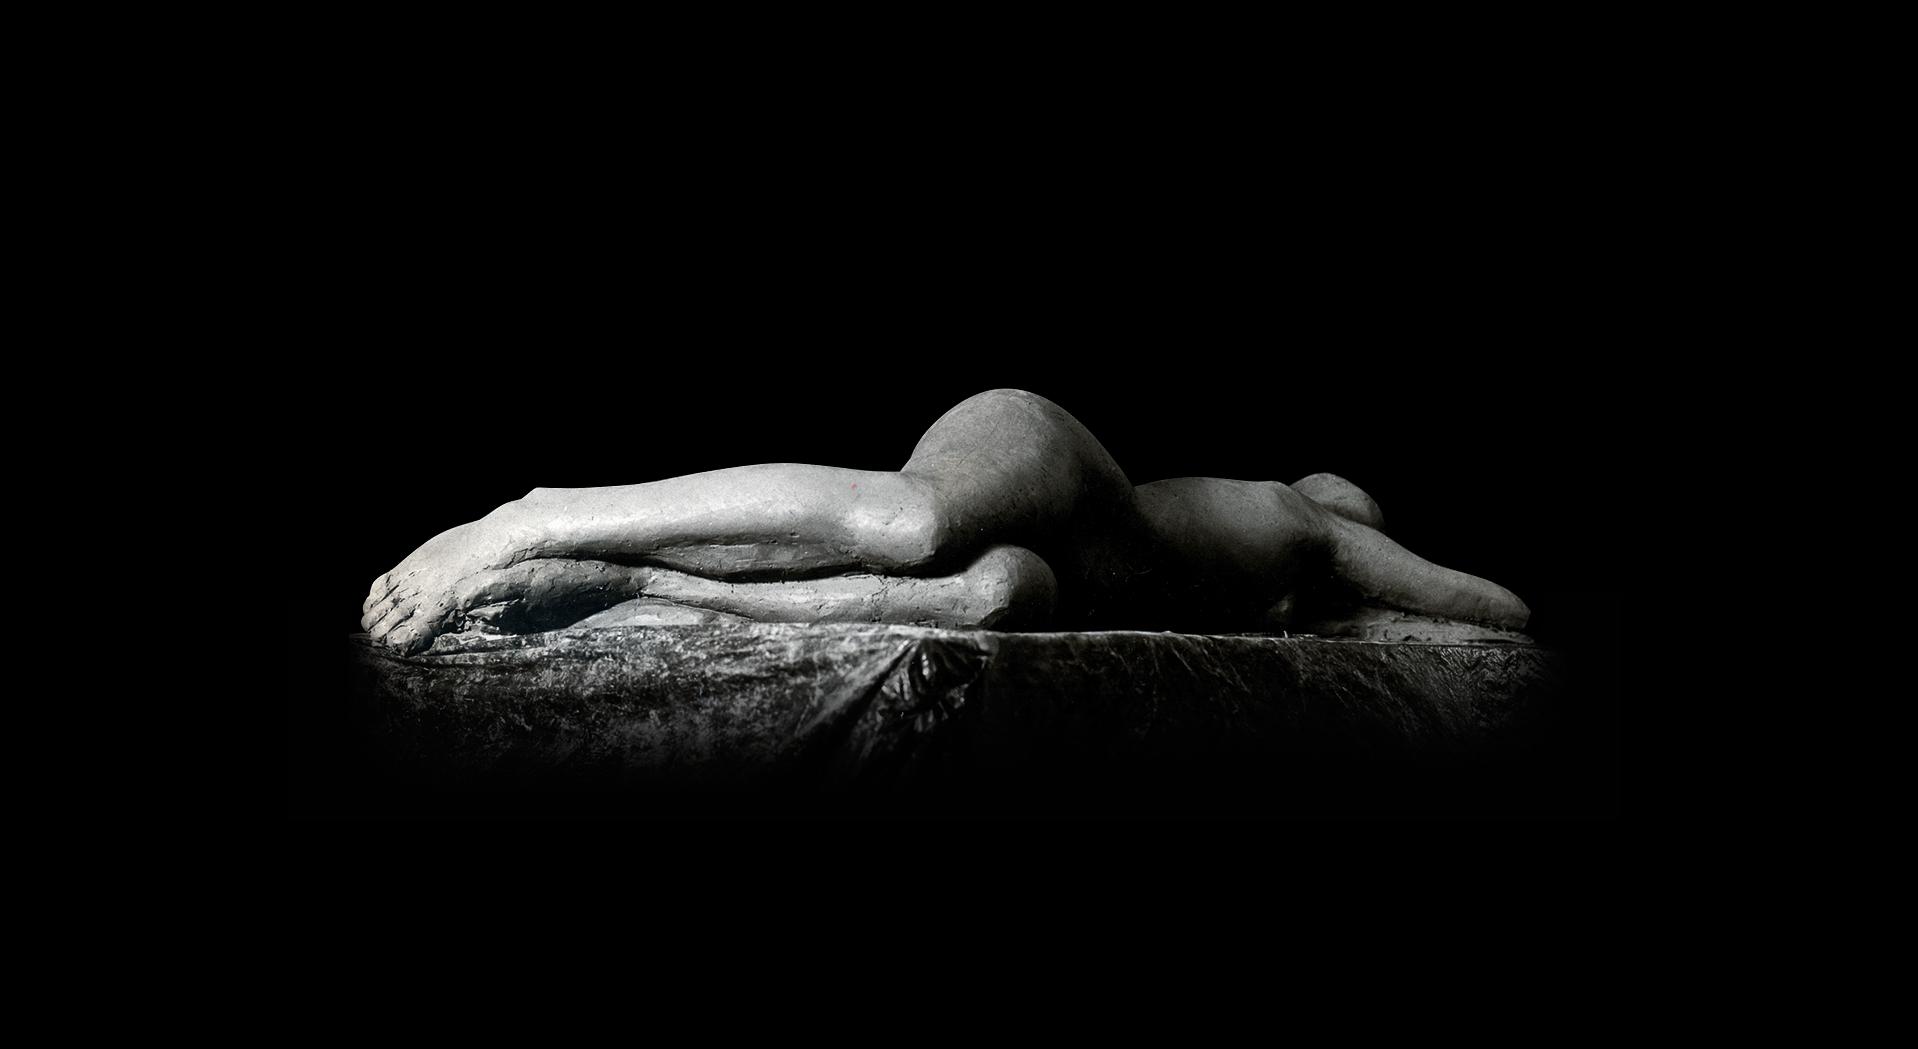 Escultura-Figurativo-realista--Mujer-tumbada-B-RD.Escultor-